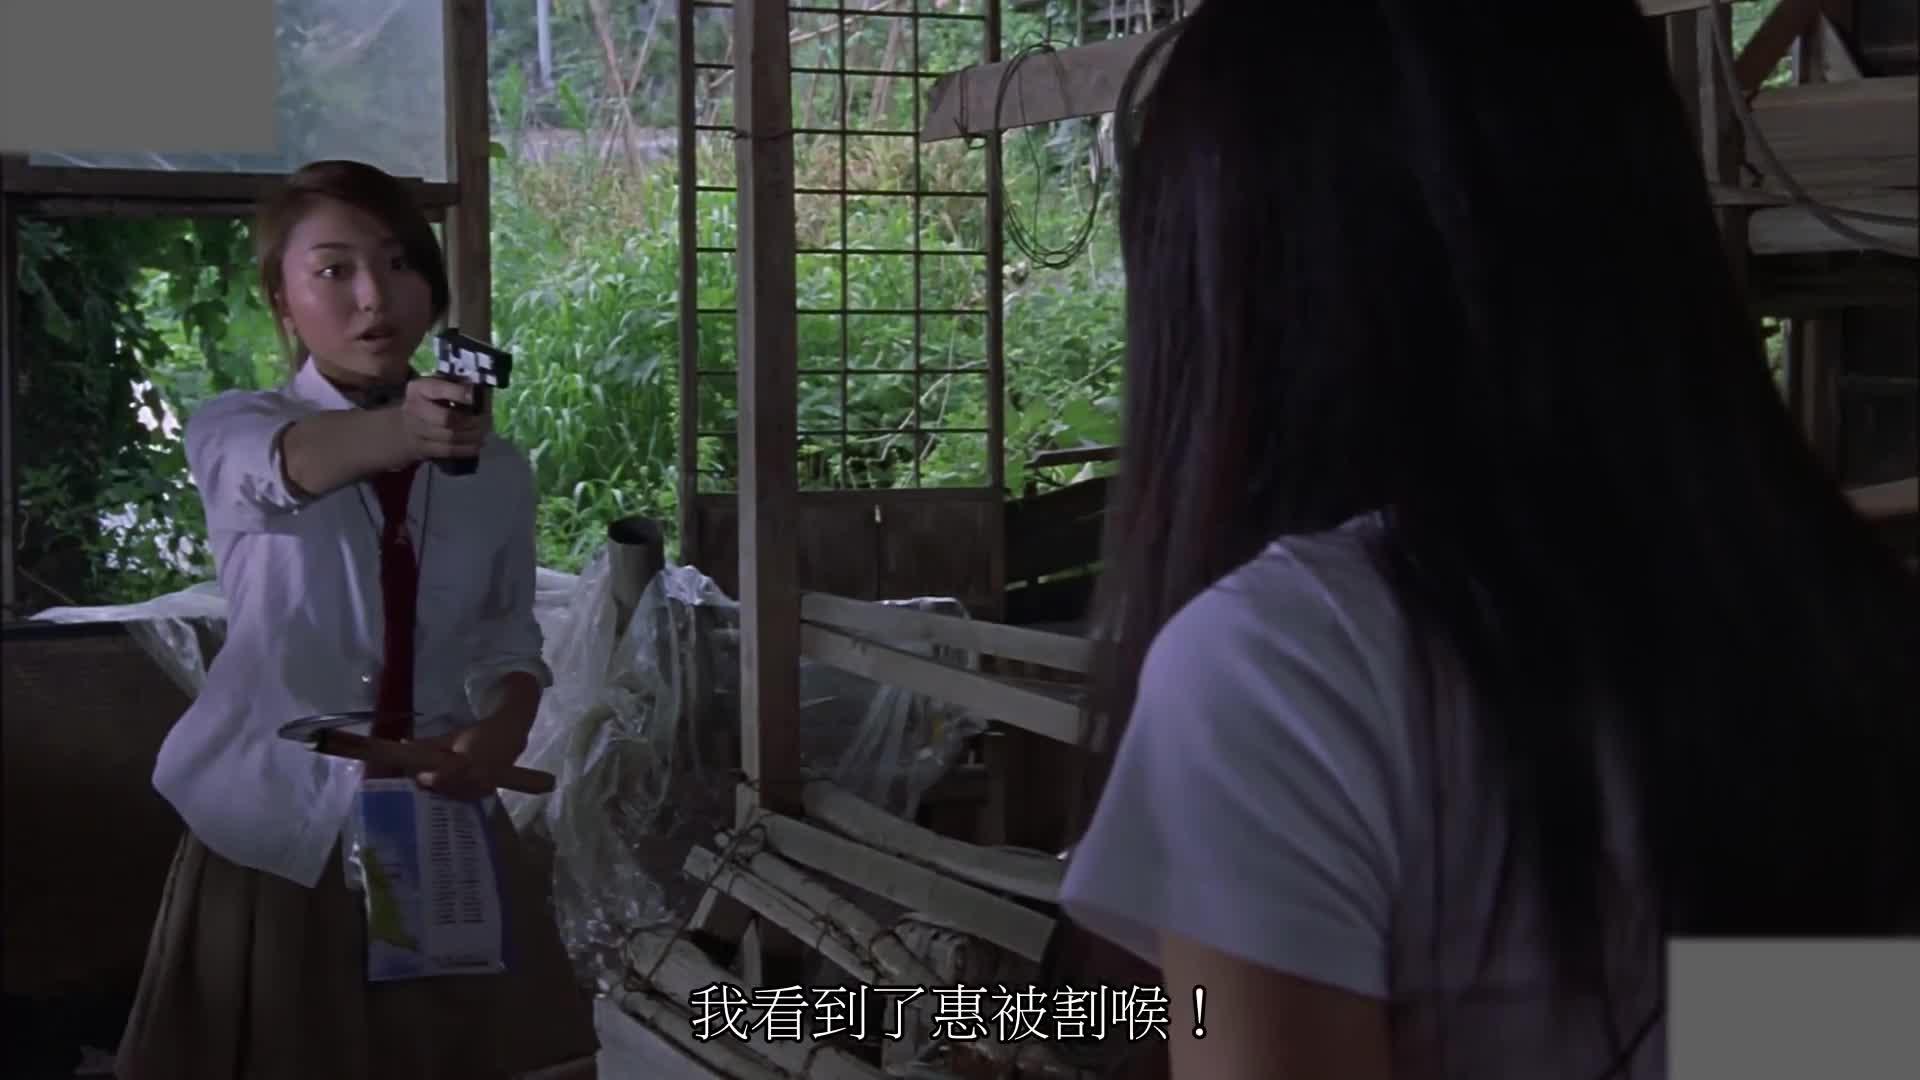 女生为何随身携带镰刀,朋友为何拿枪指着他,危险吗